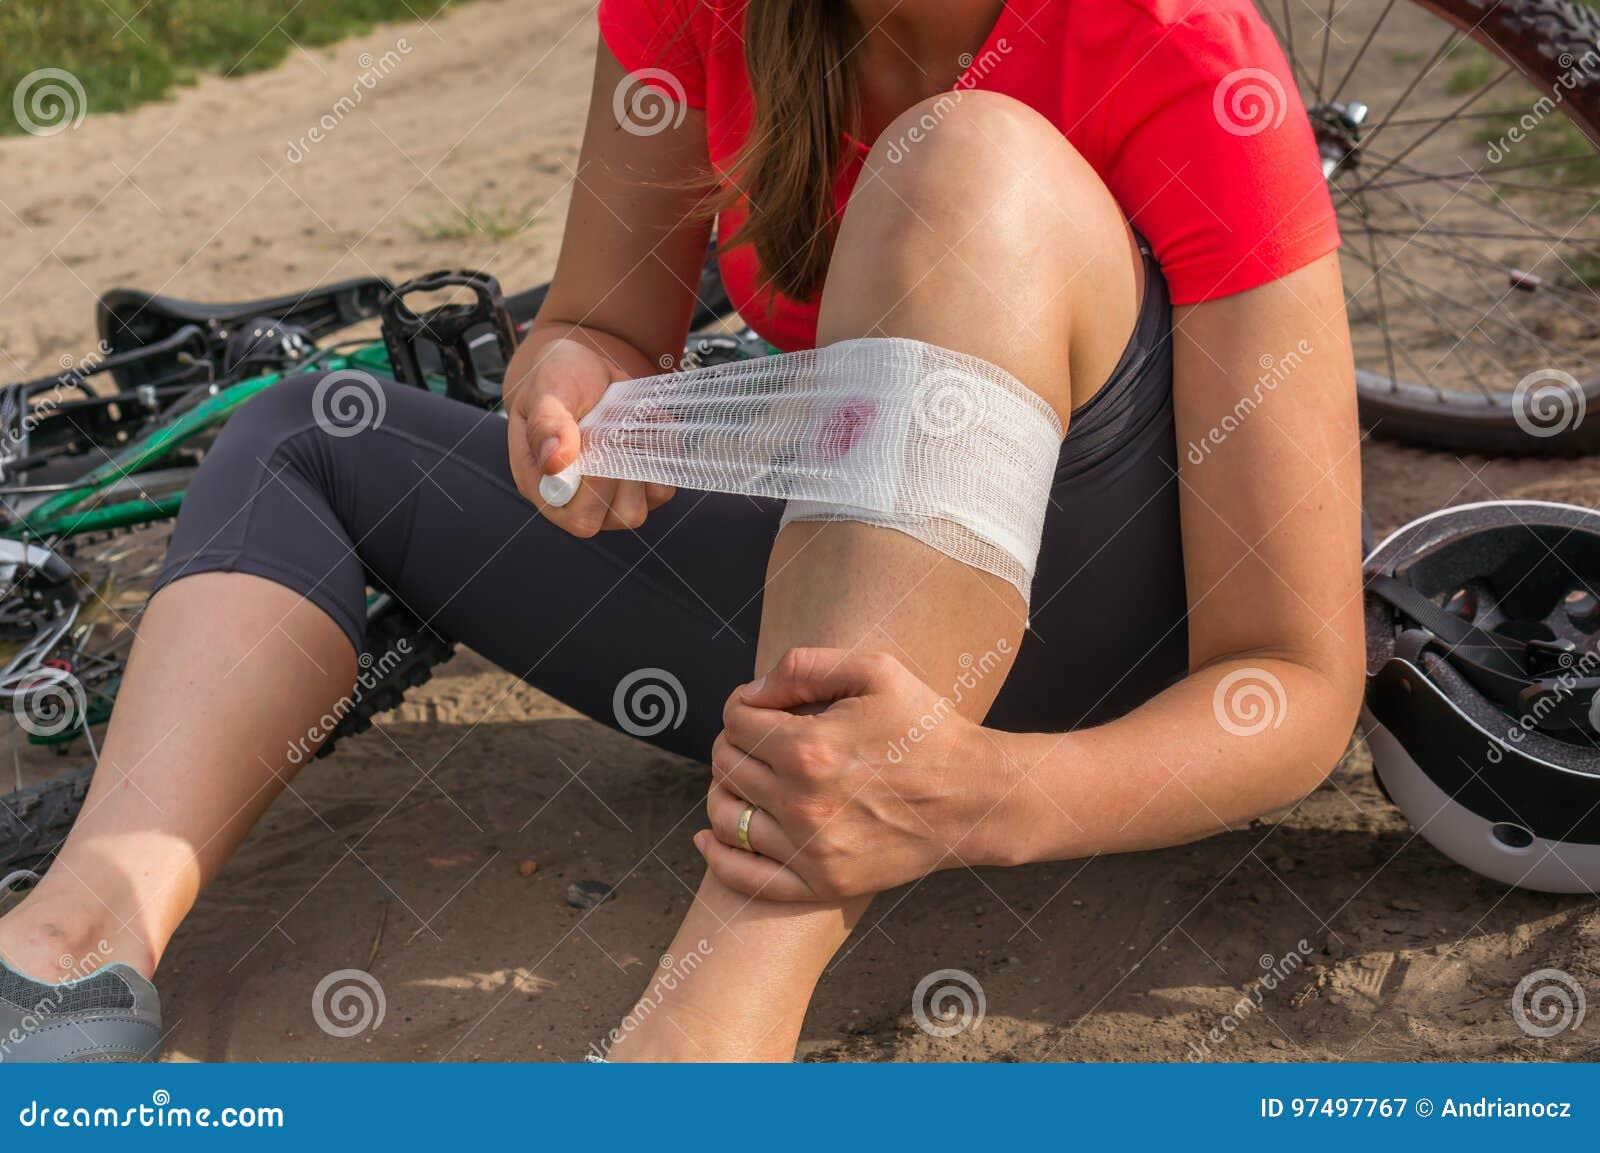 Donna con dolore in ginocchio dopo la caduta dalla bicicletta